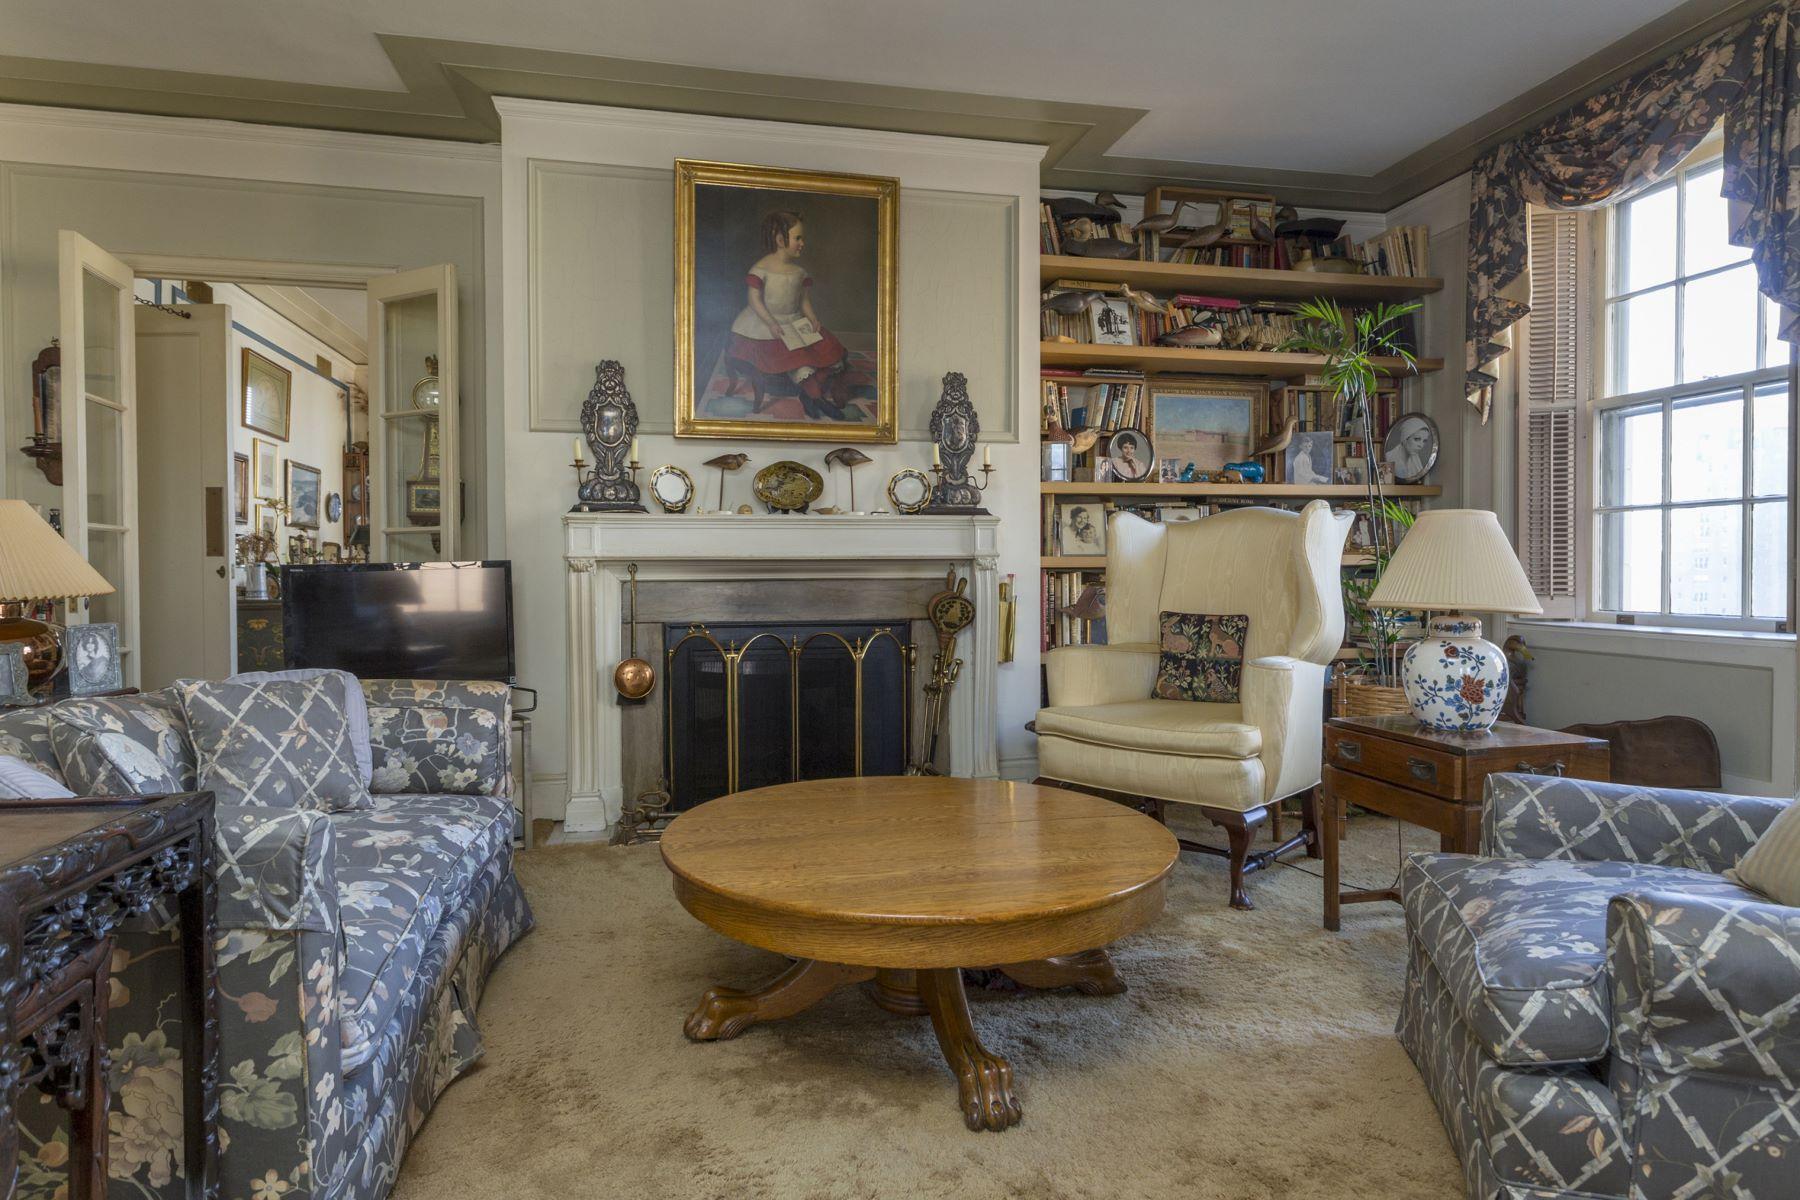 Кондоминиум для того Продажа на Rittenhouse Rarity 250 S 18TH ST 1201, Philadelphia, Пенсильвания, 19103 Соединенные Штаты